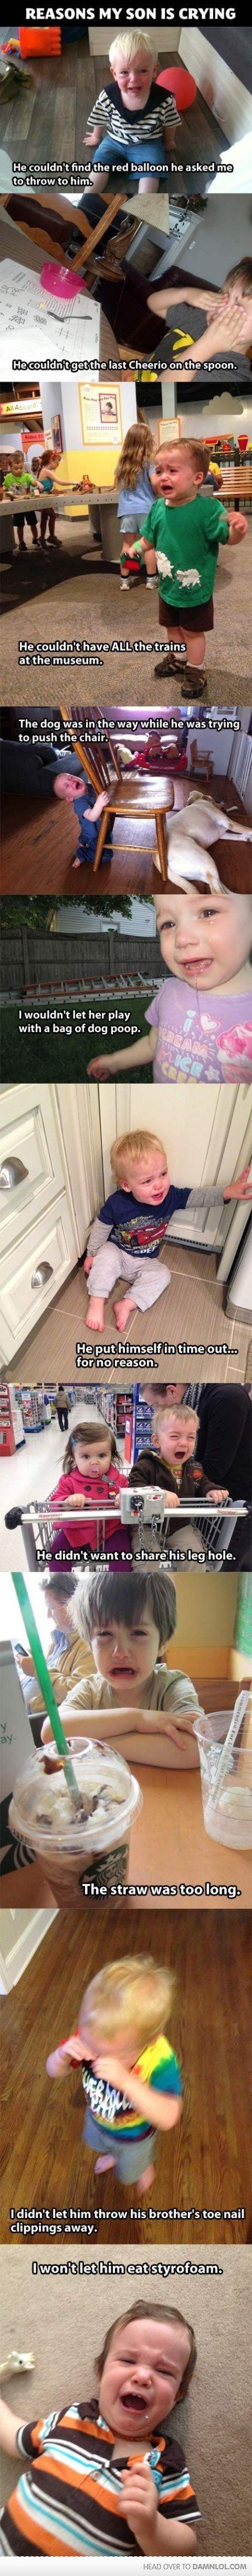 Haha kids...